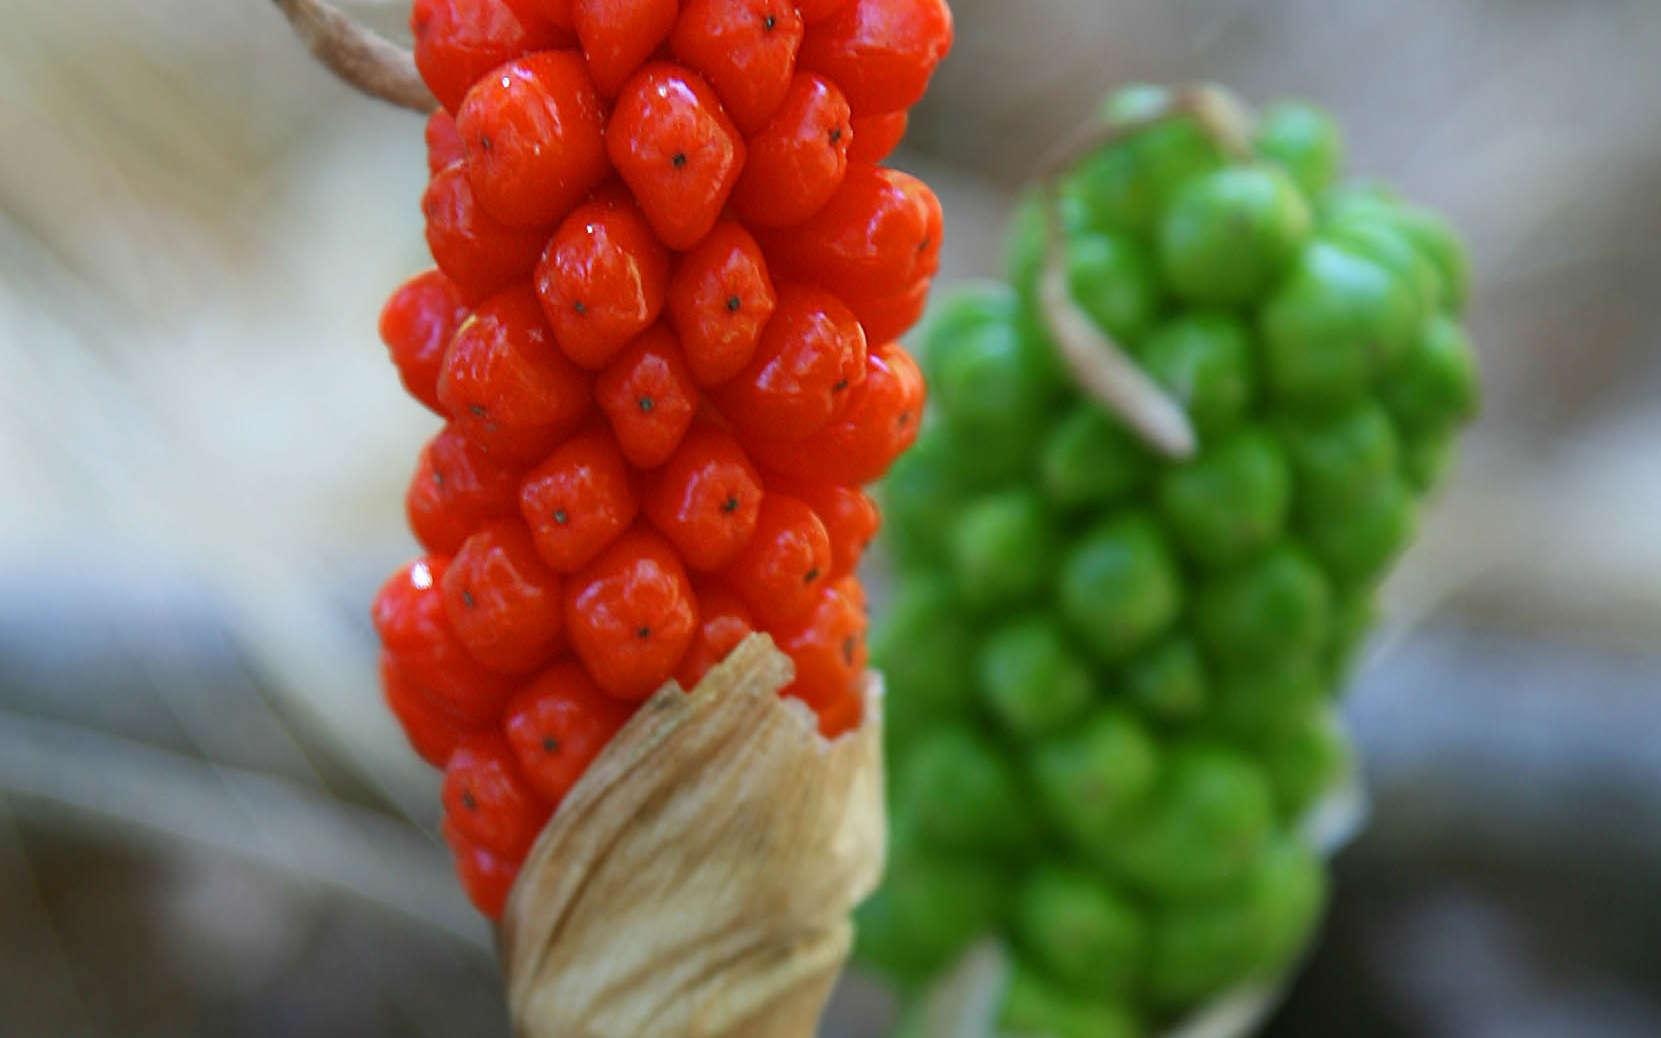 Arum d'Italie - fruits (Crédits : Jitze Couperus)